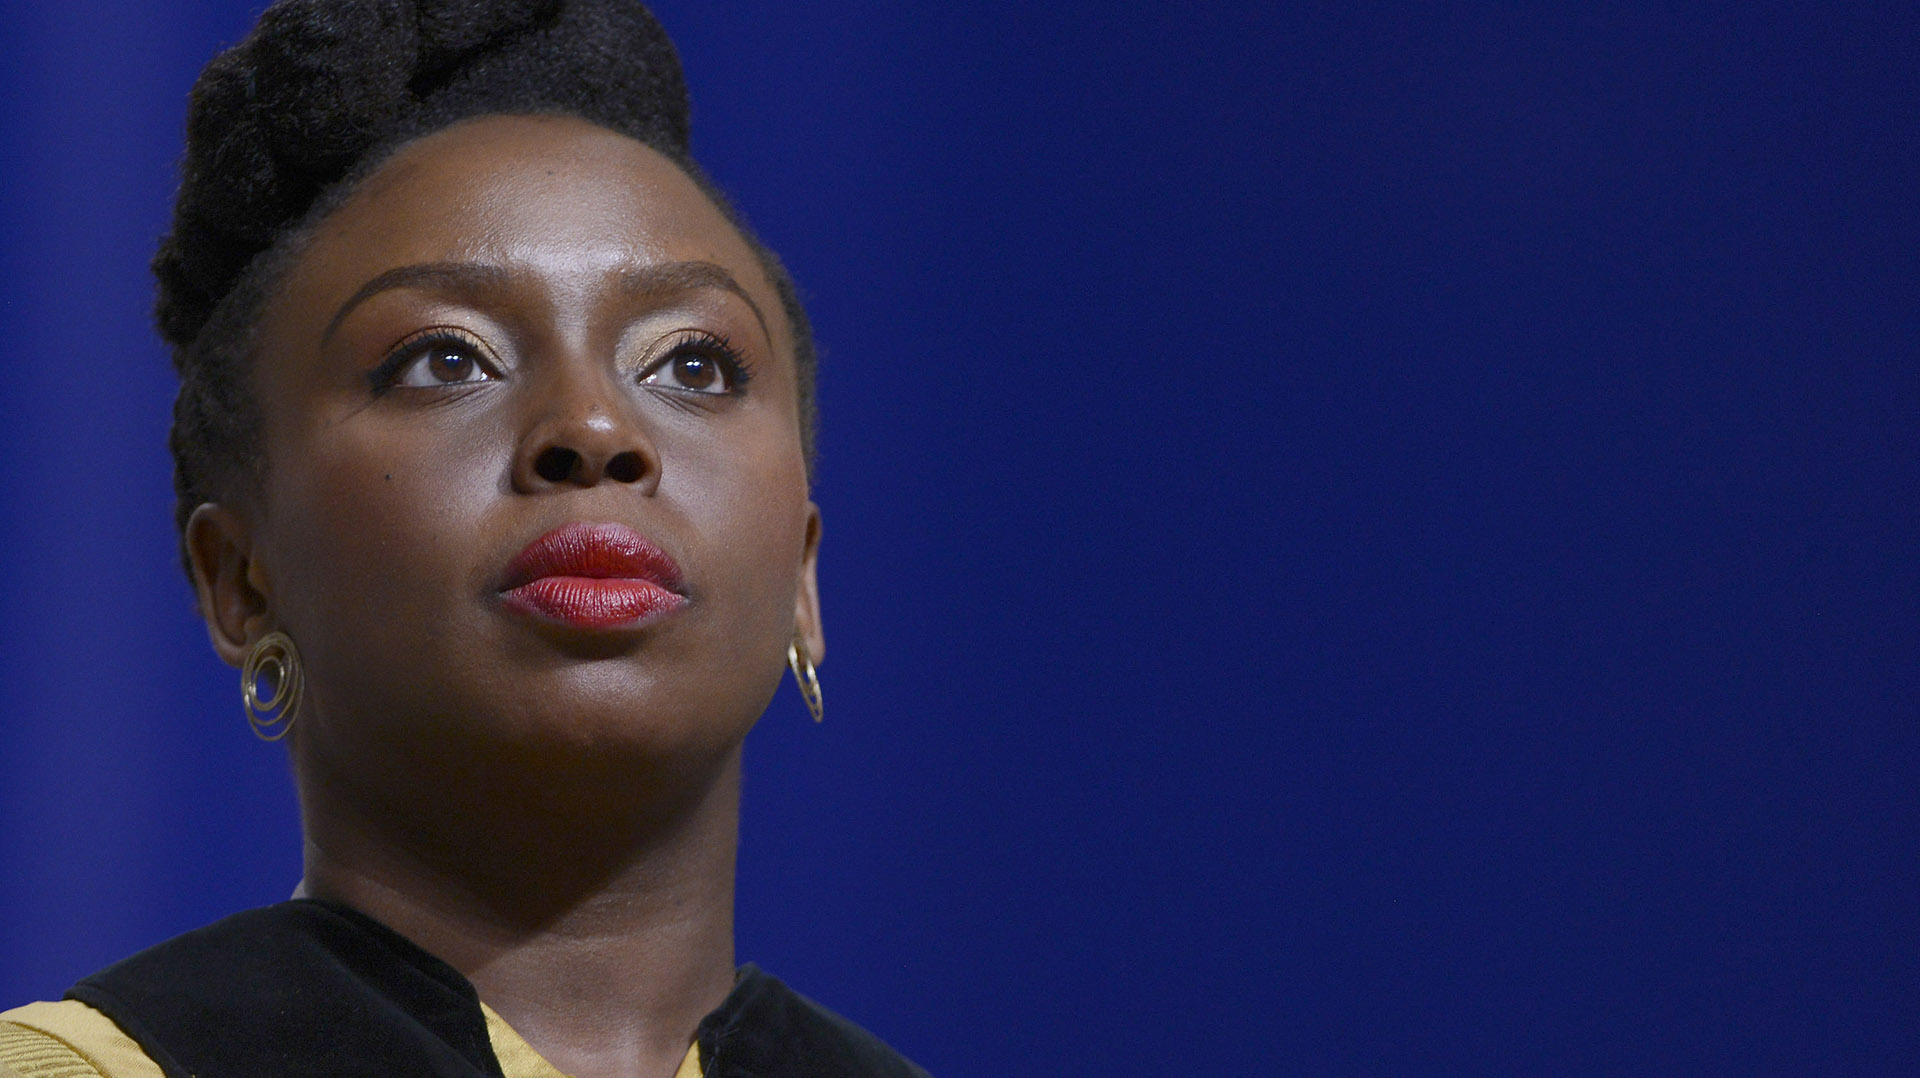 Chimamanda Ngozi Adichie (Getty Images)